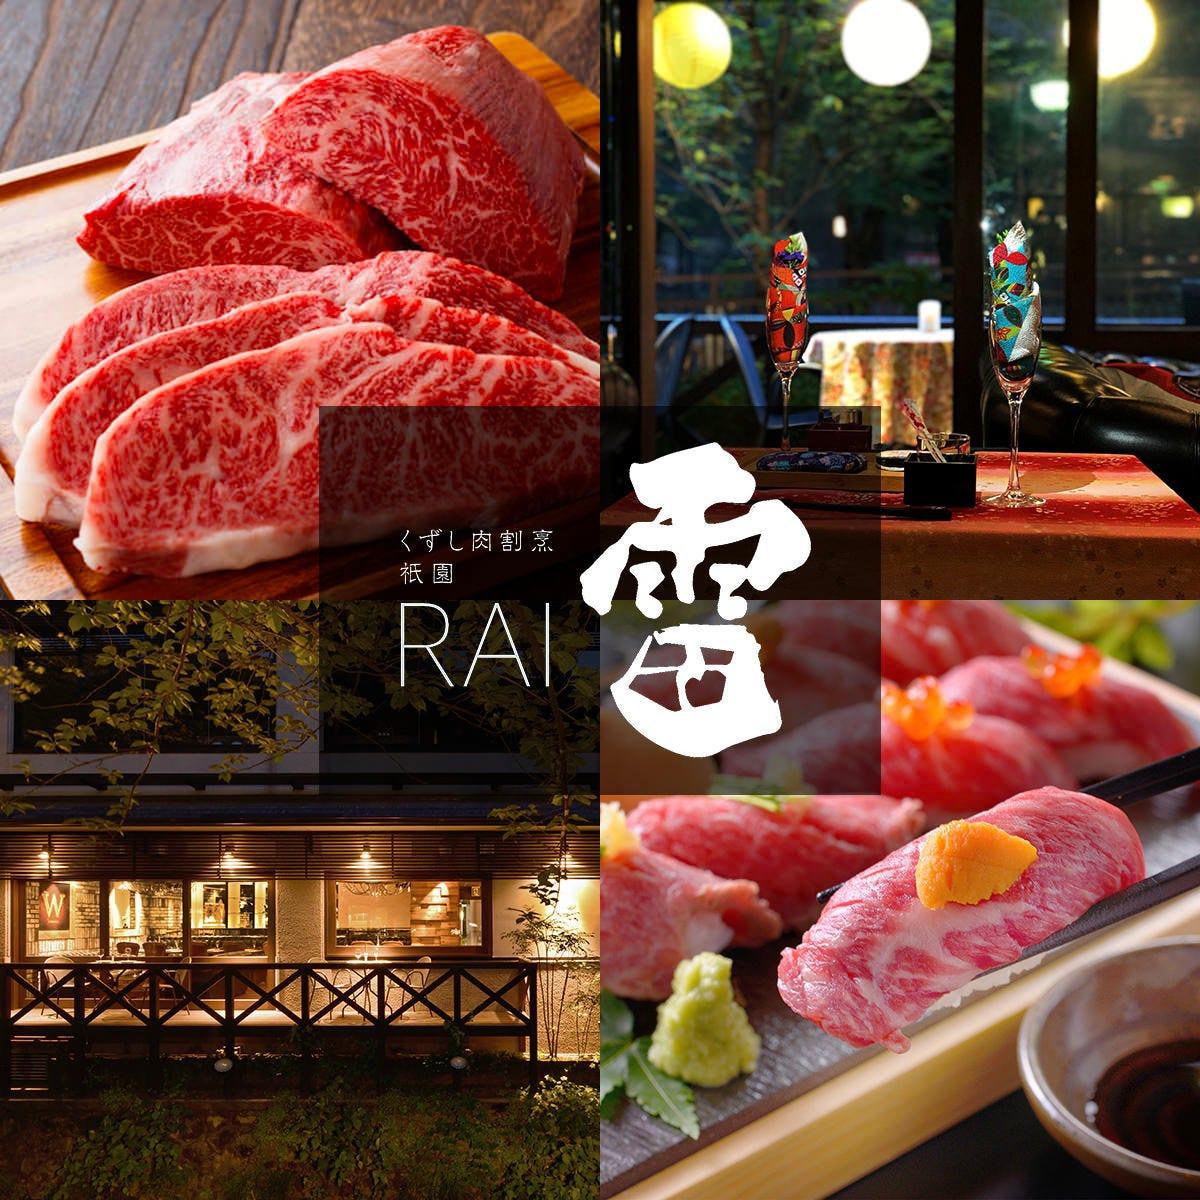 京都 祇園 くずし肉割烹 雷